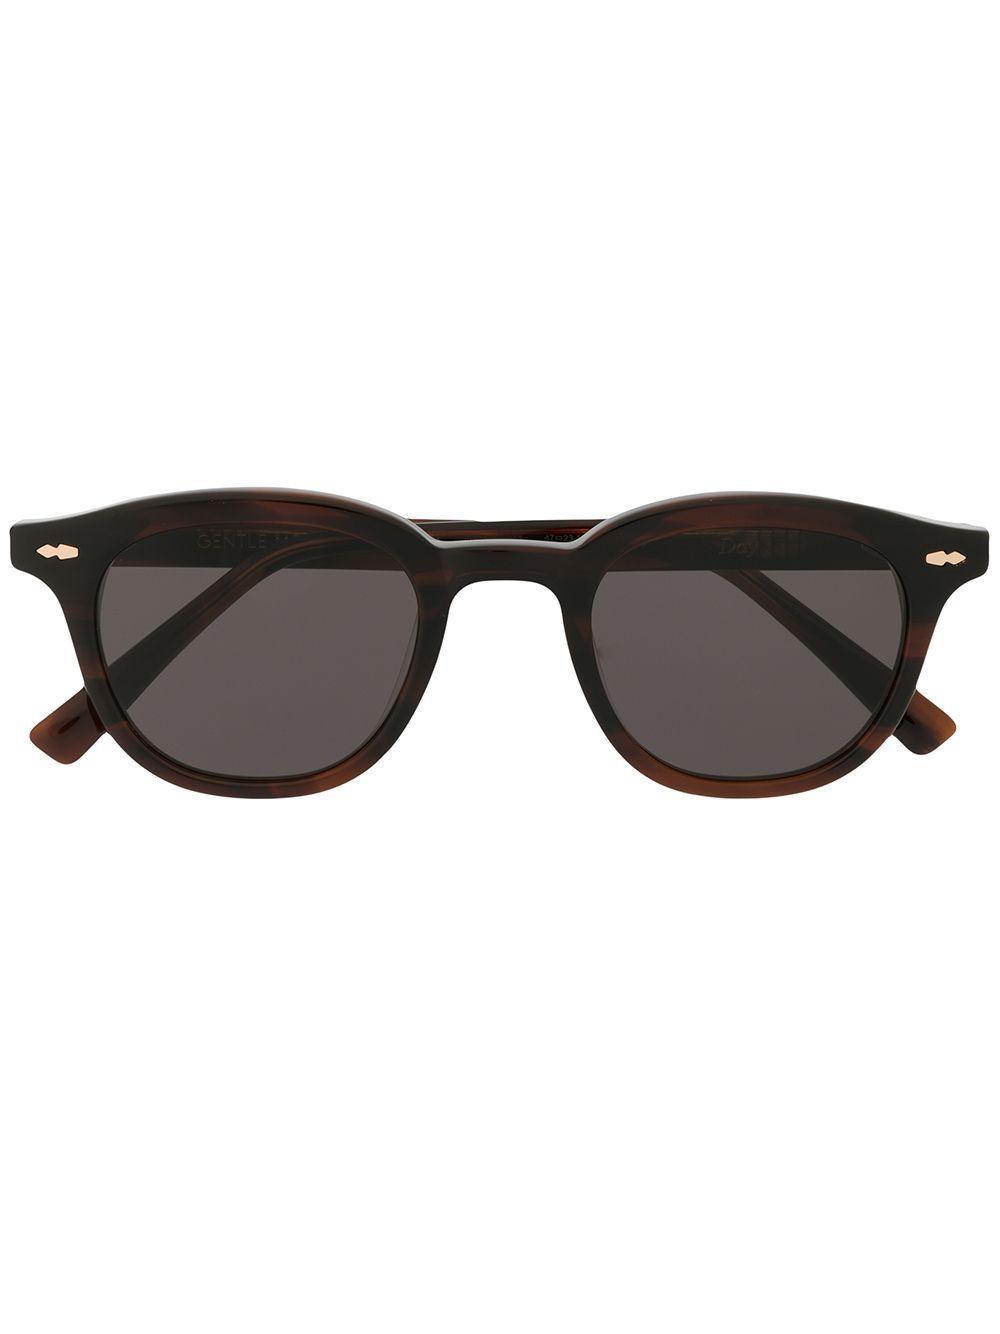 Gentle Monster Day B4 havana sunglasses – Brown